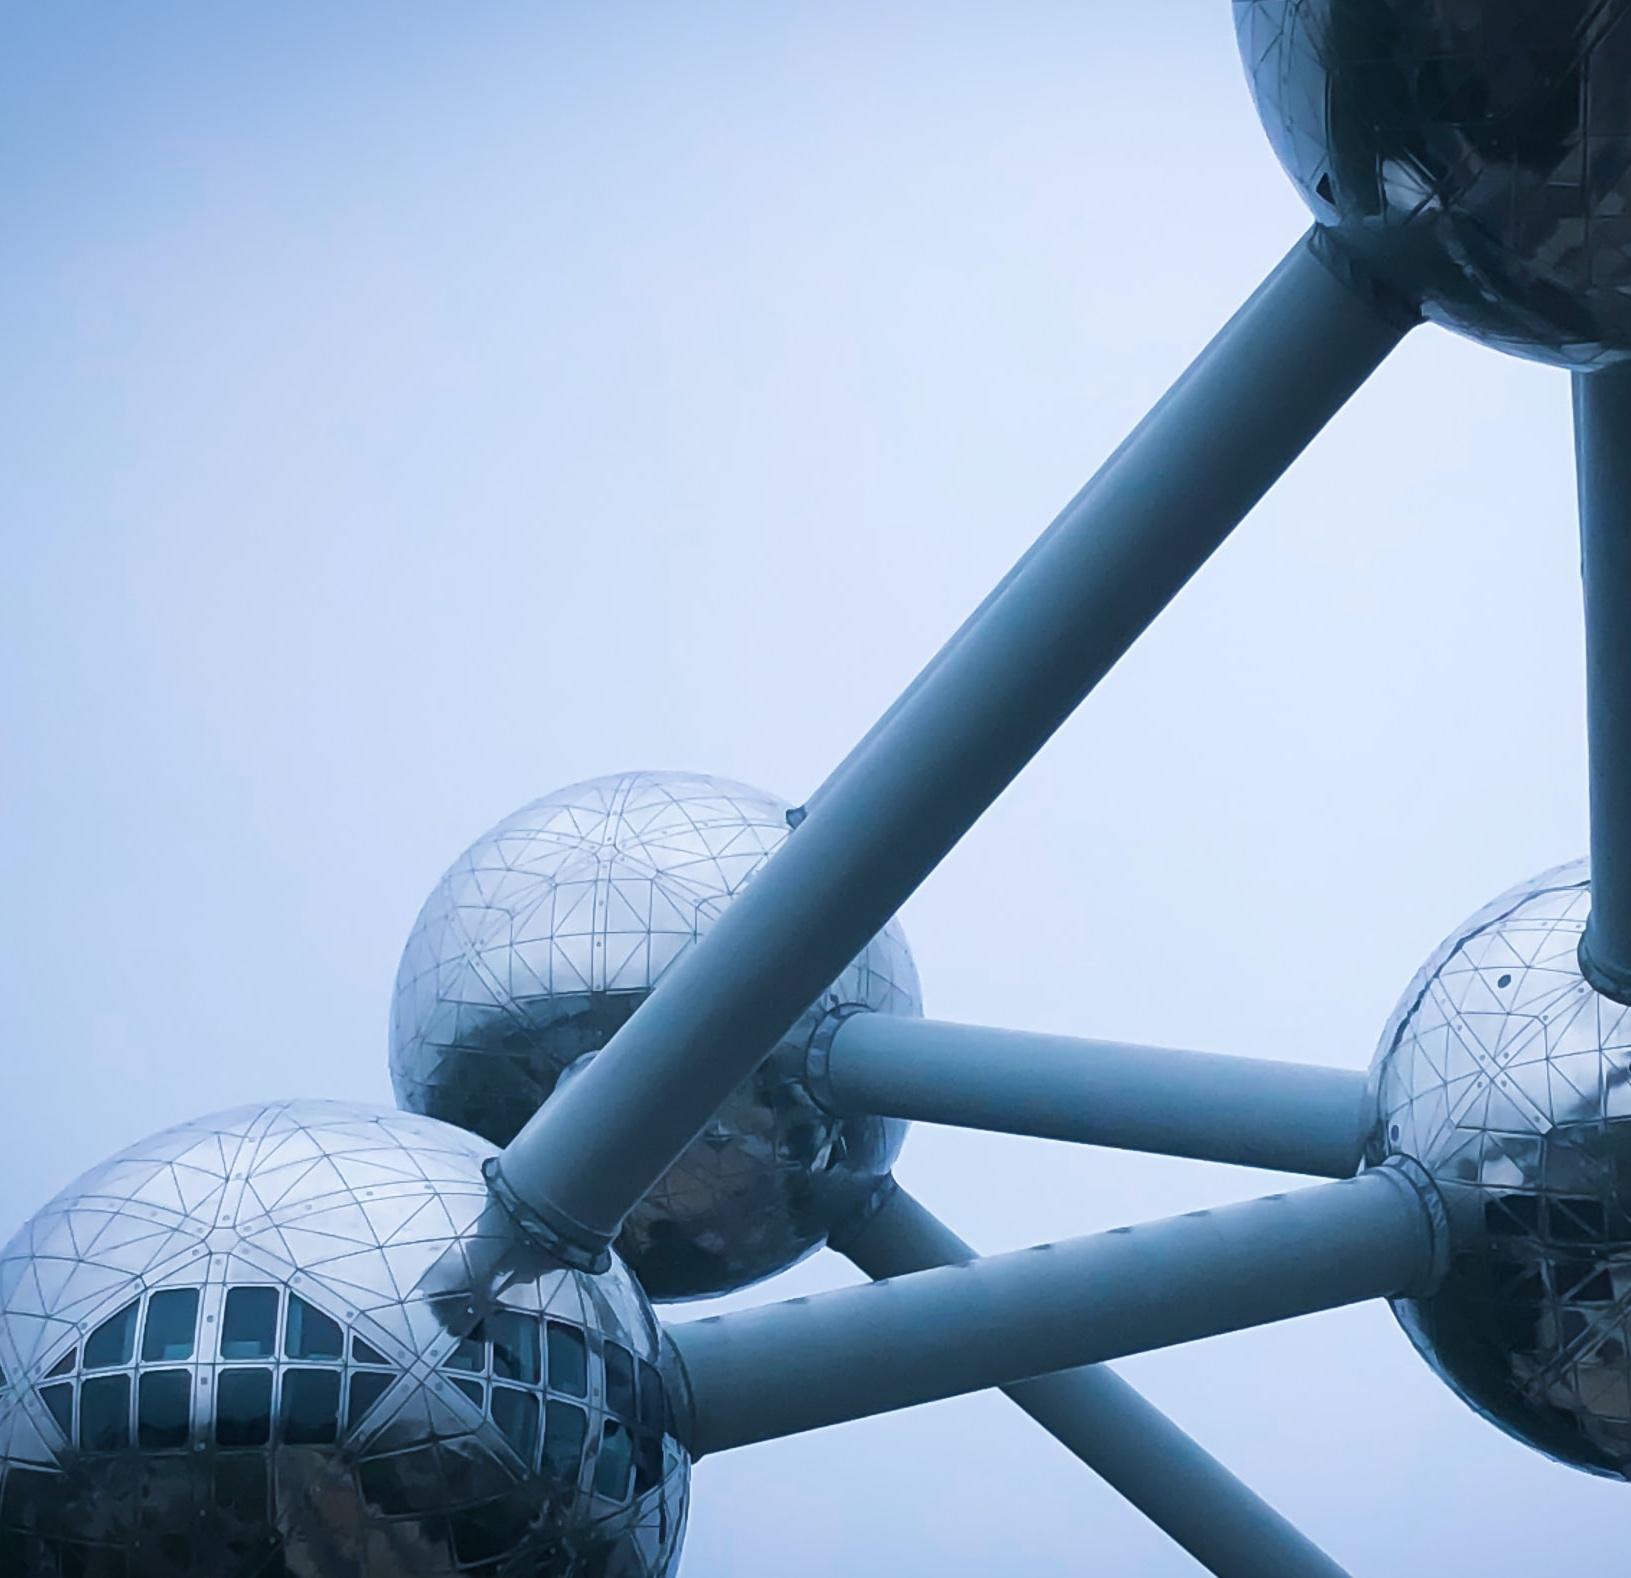 close up of an atom sculpture